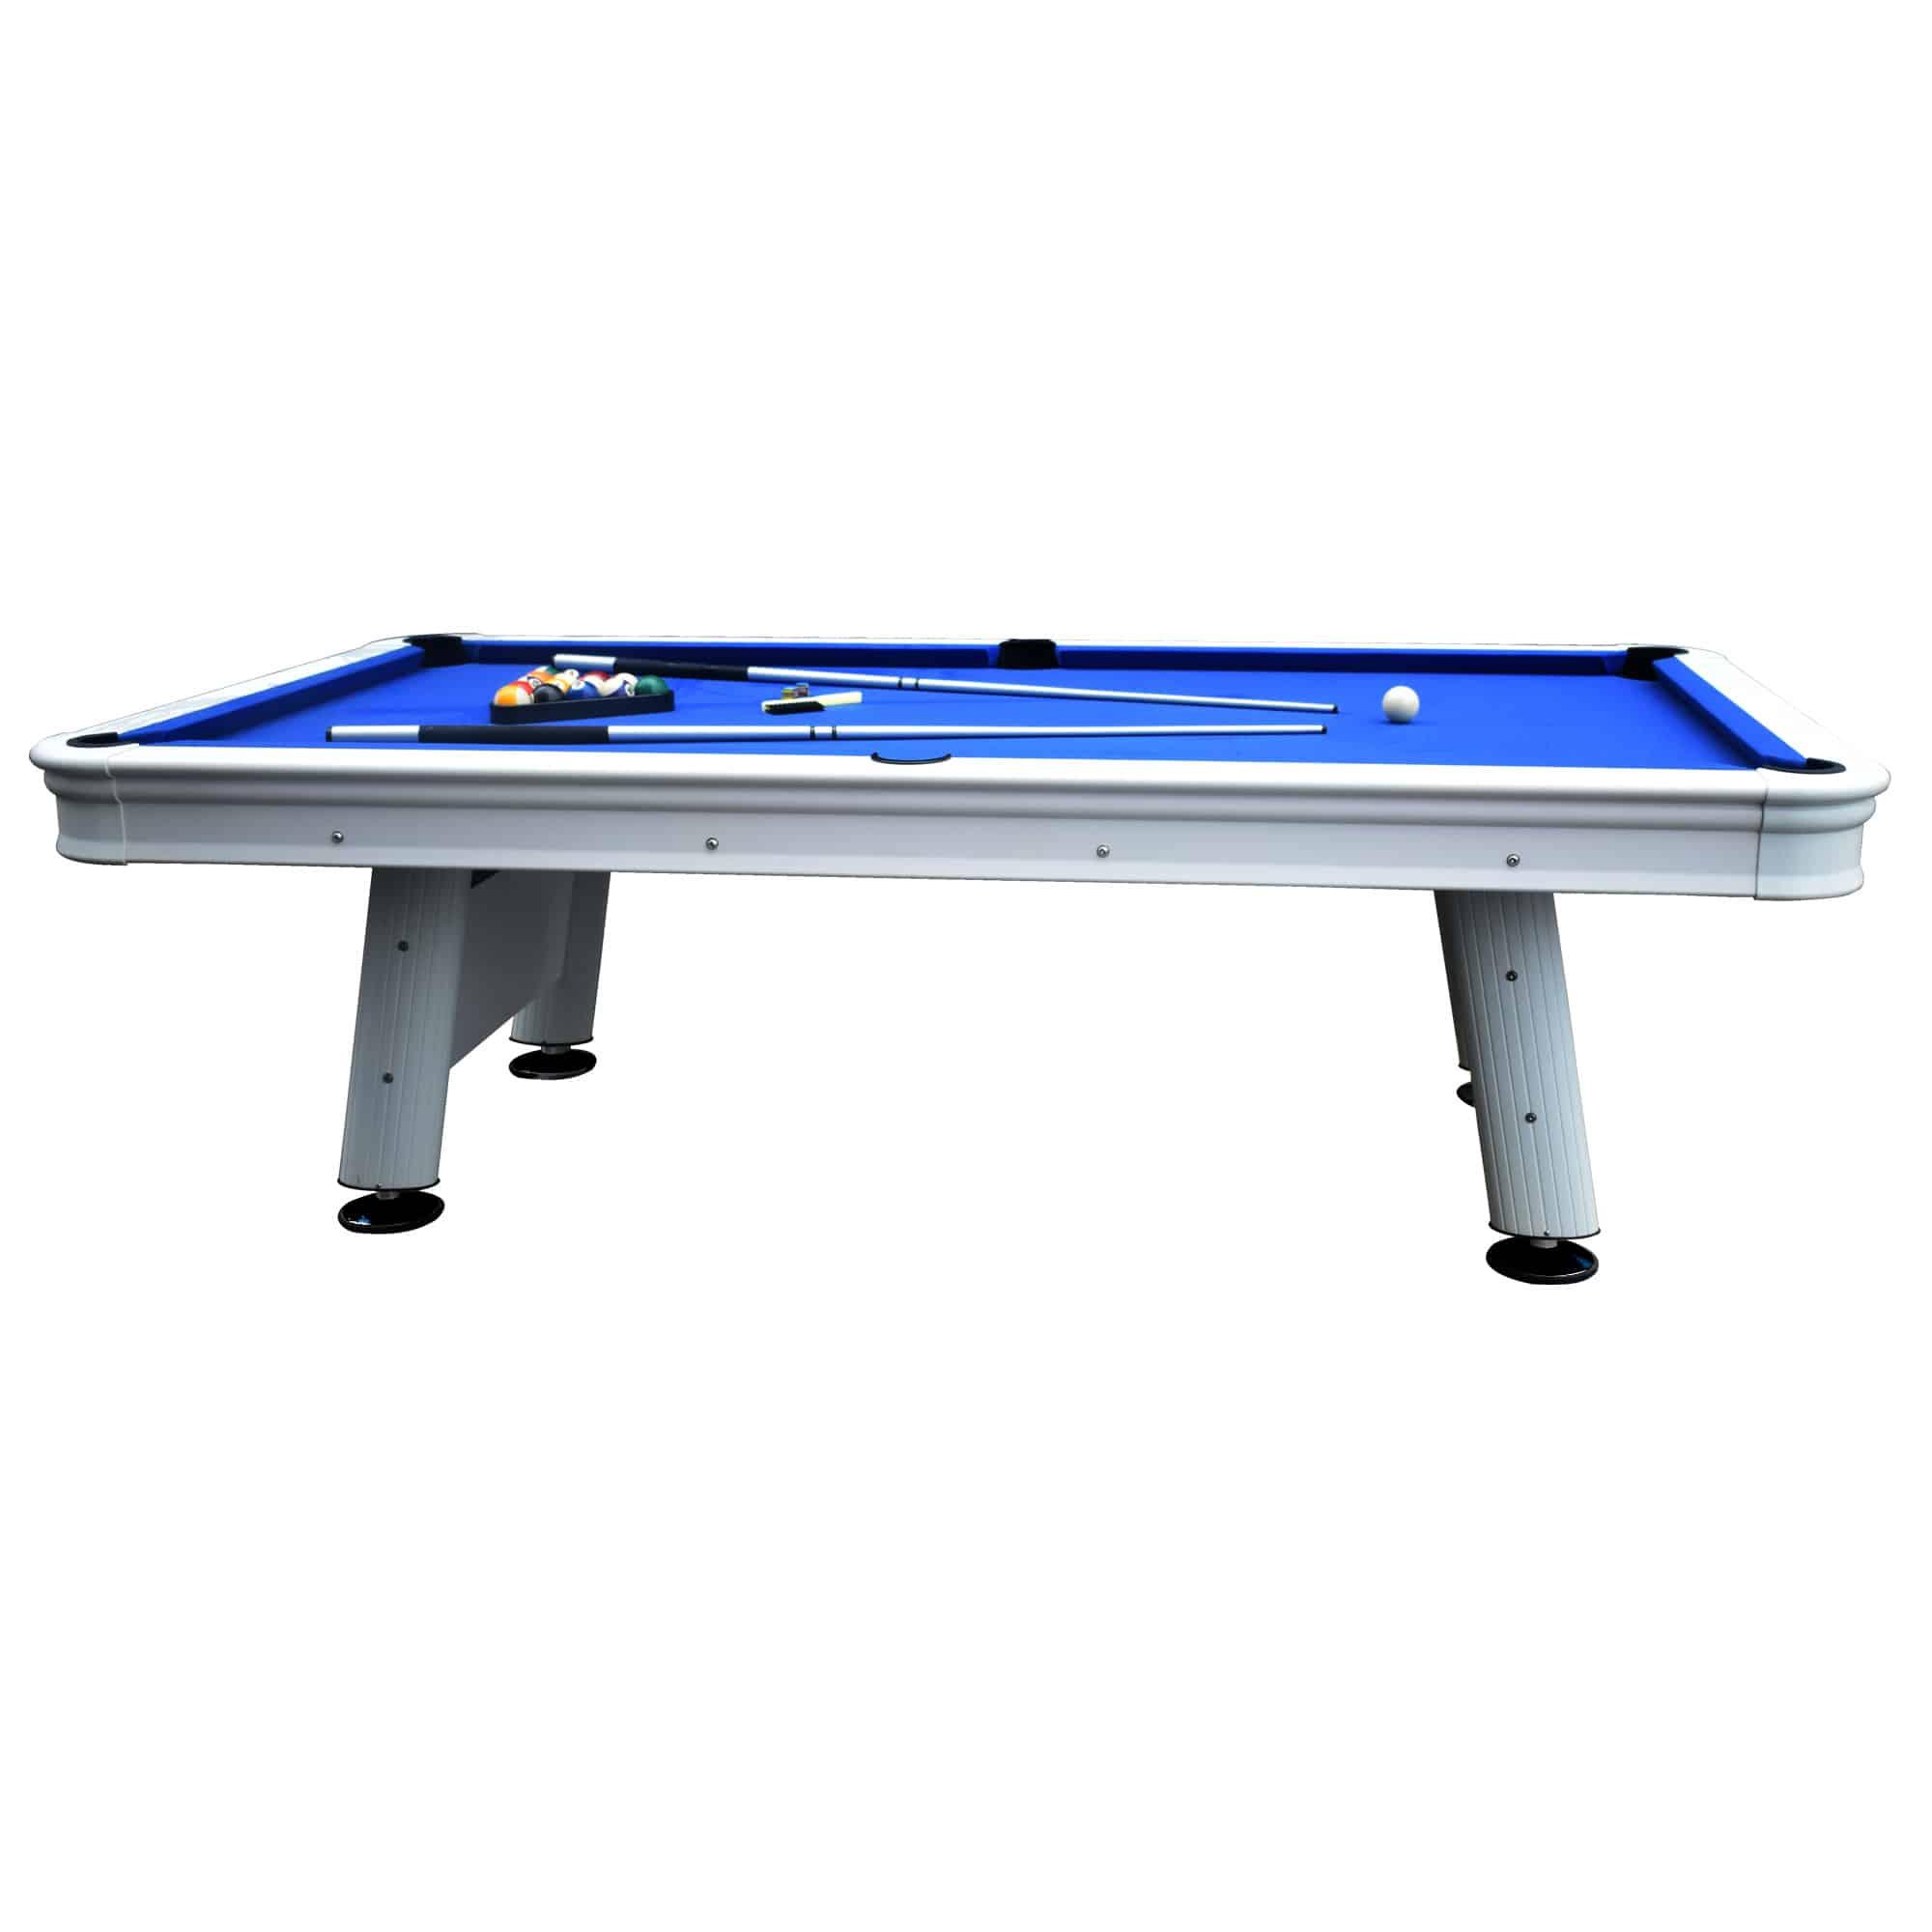 Pool Table With Aluminum Rails Waterproof Felt